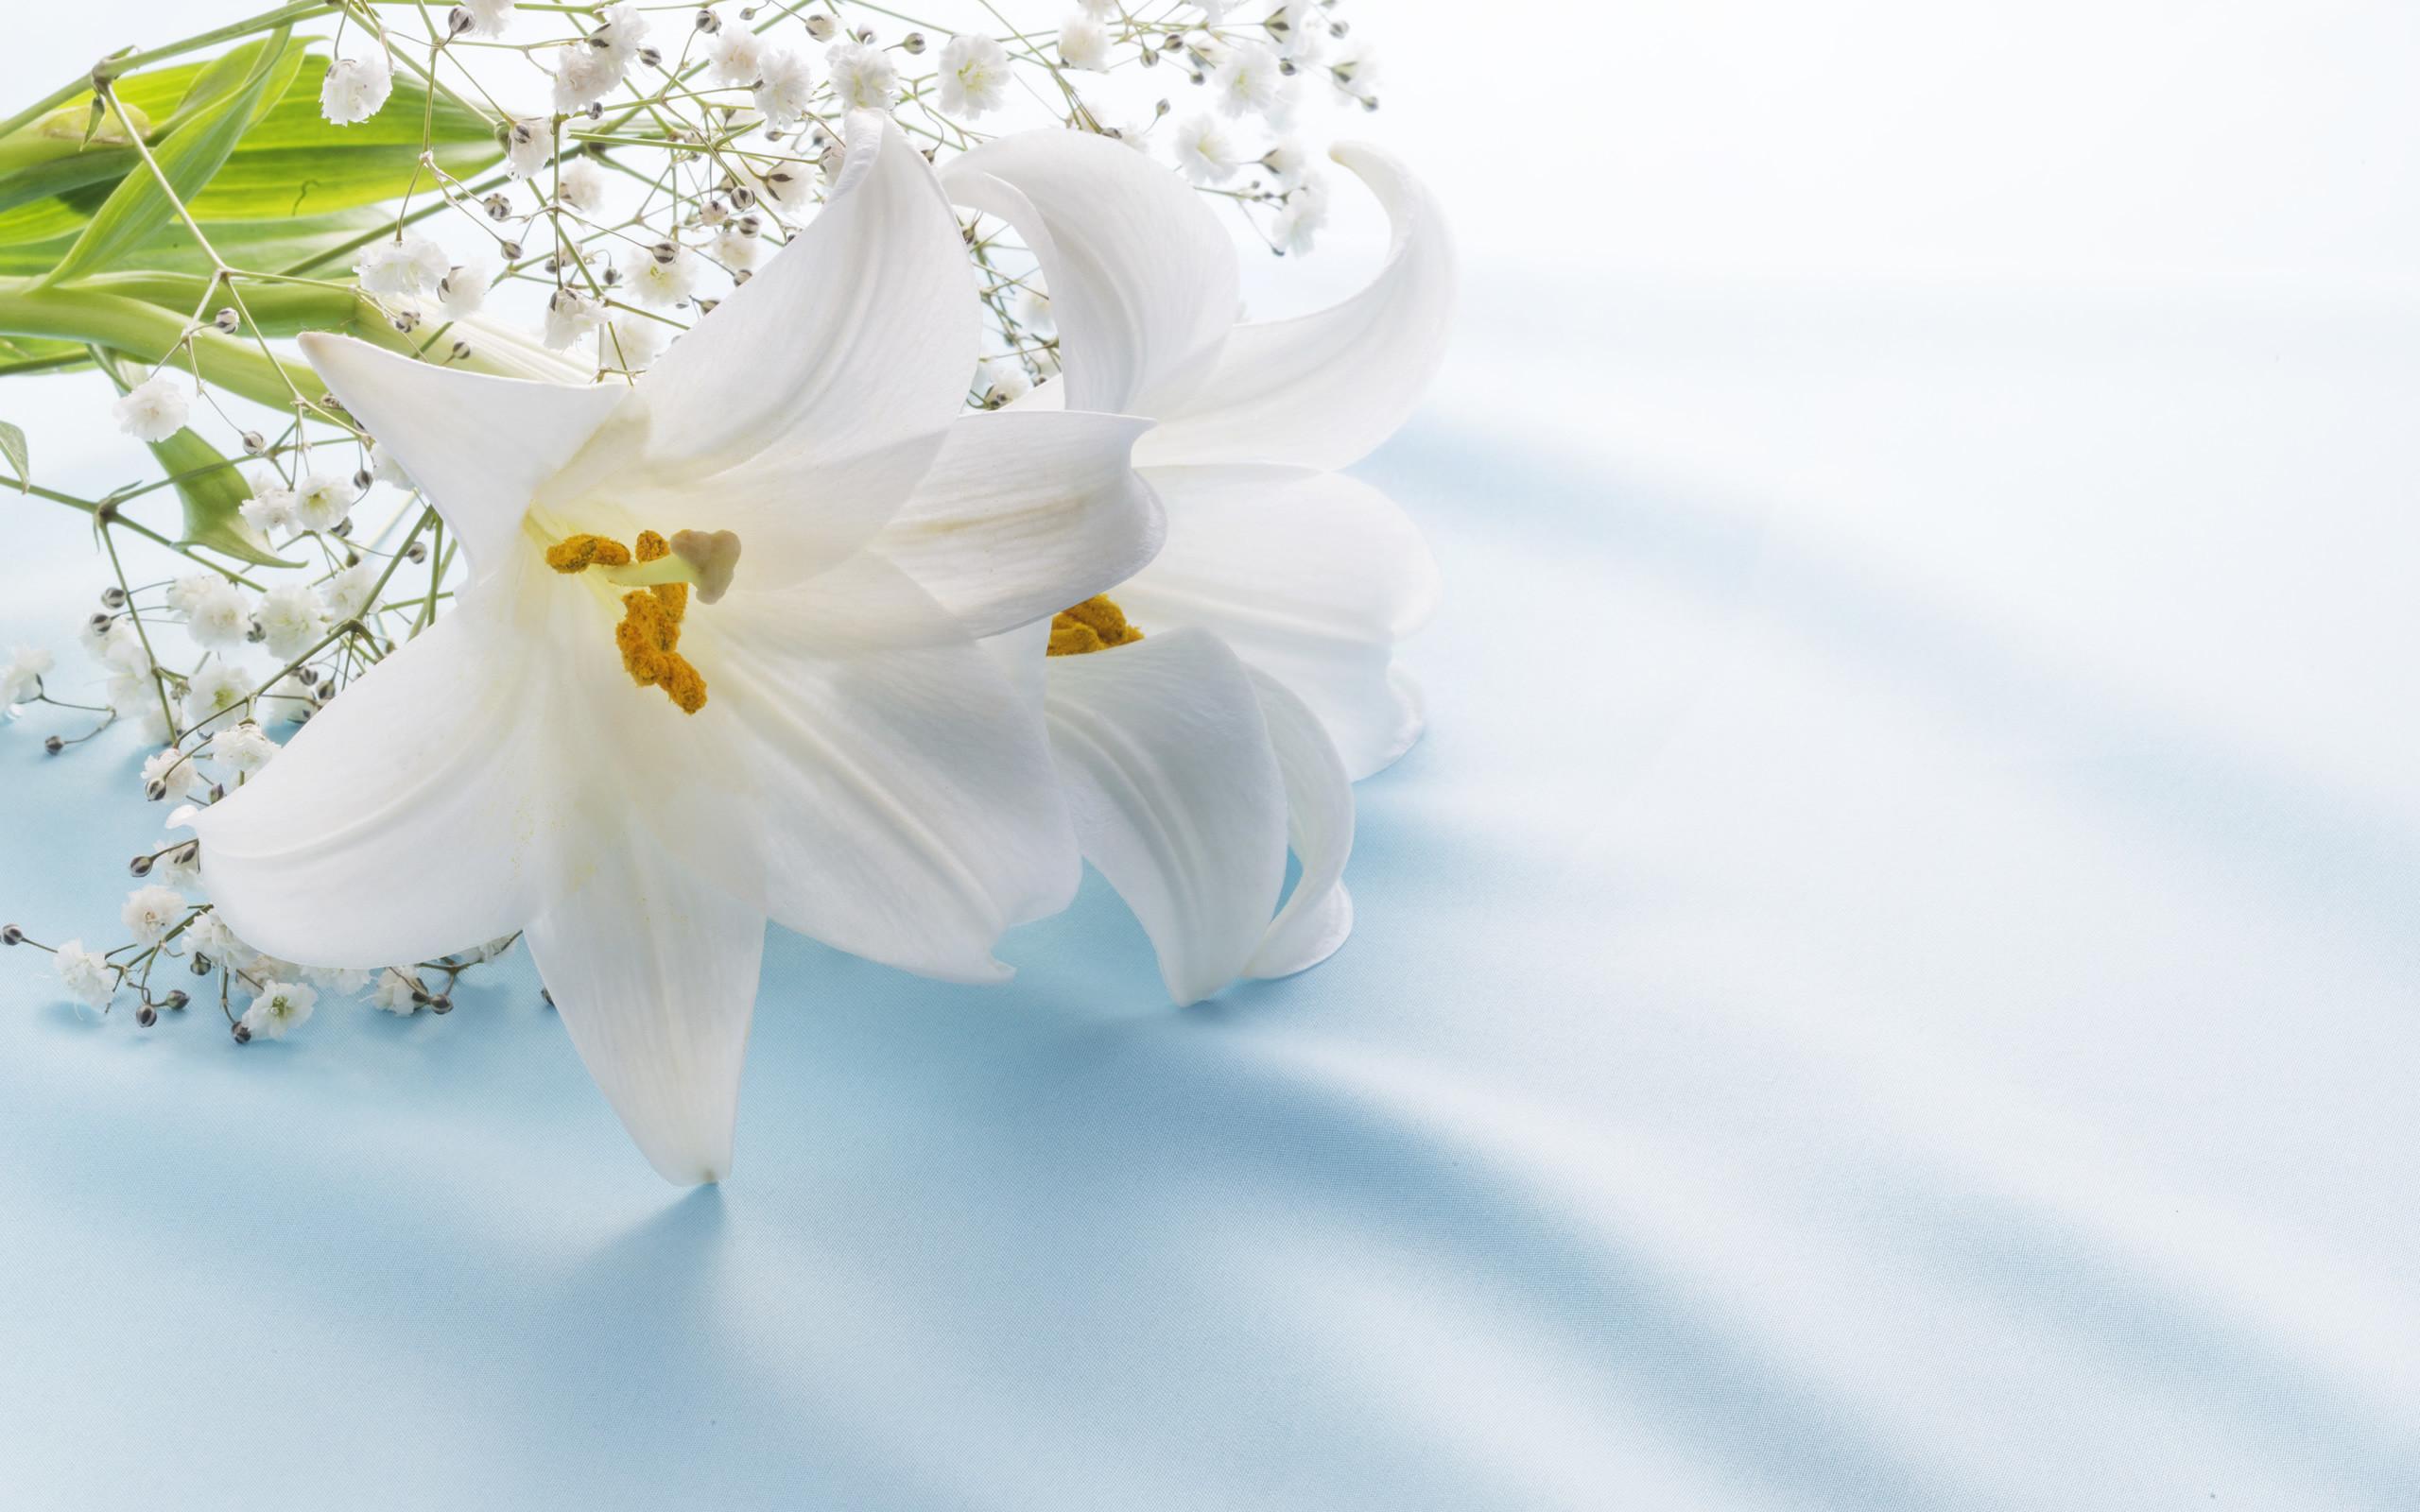 百合とかすみ草の花束(台風 21 号のお見舞い)